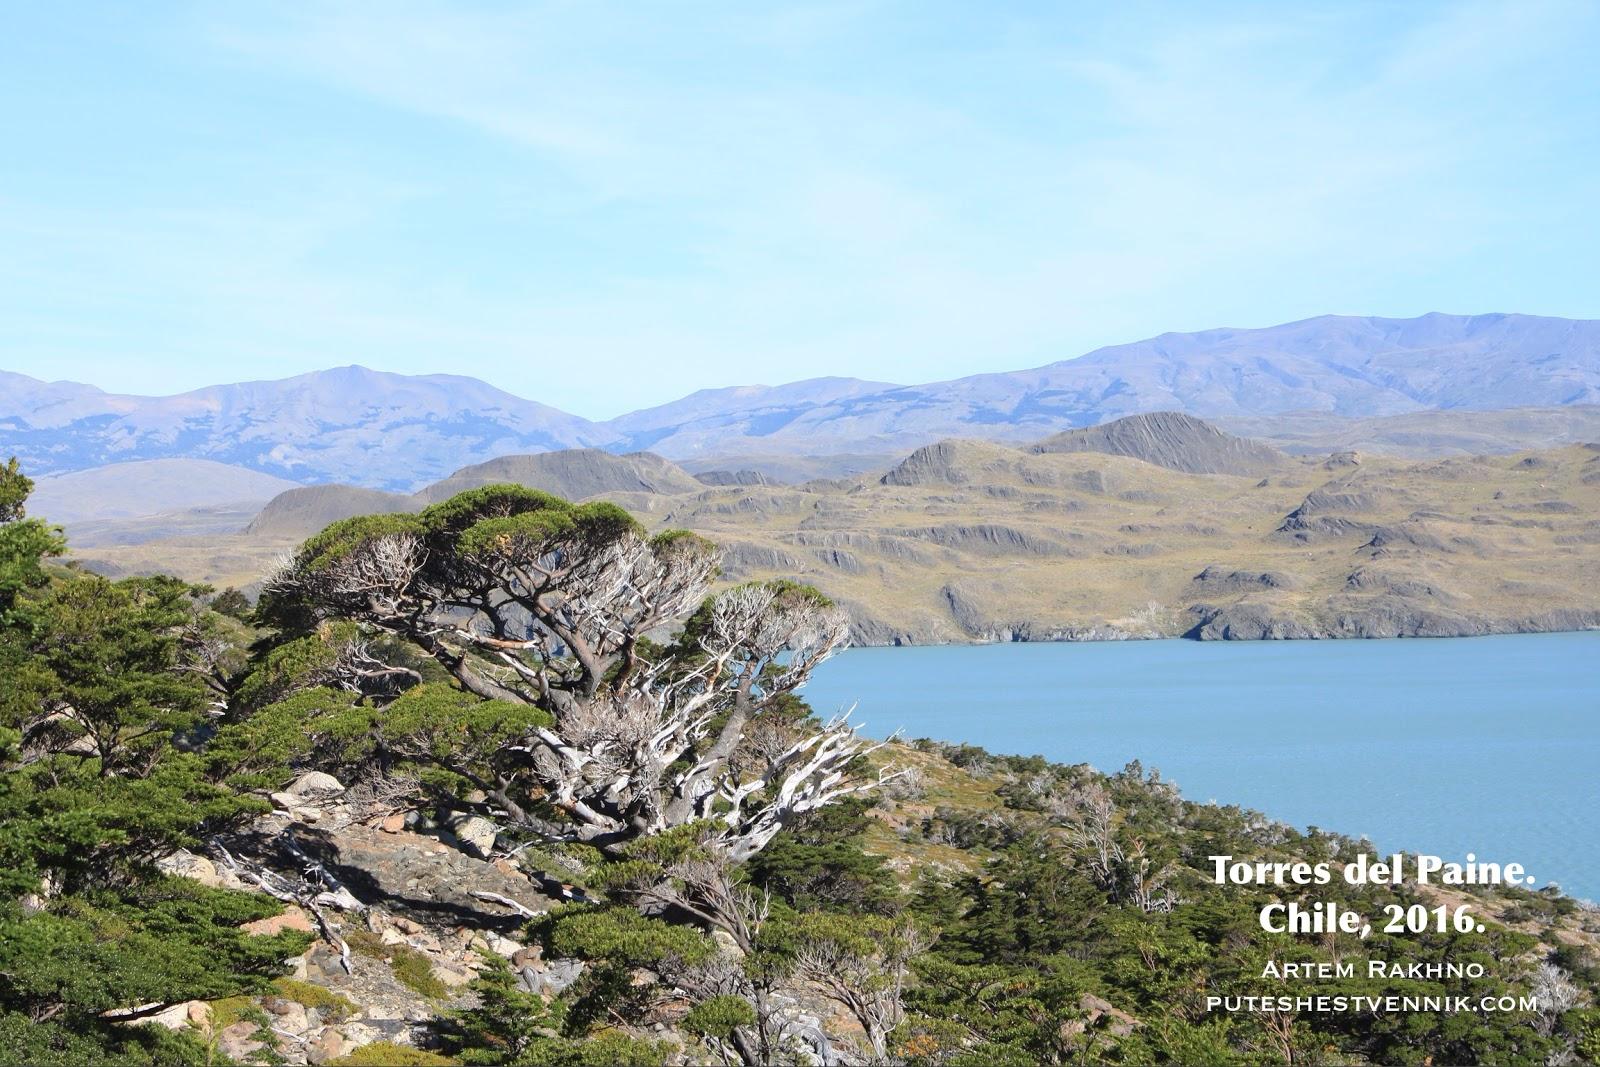 Путешествие по Торрес-дель-Пайне